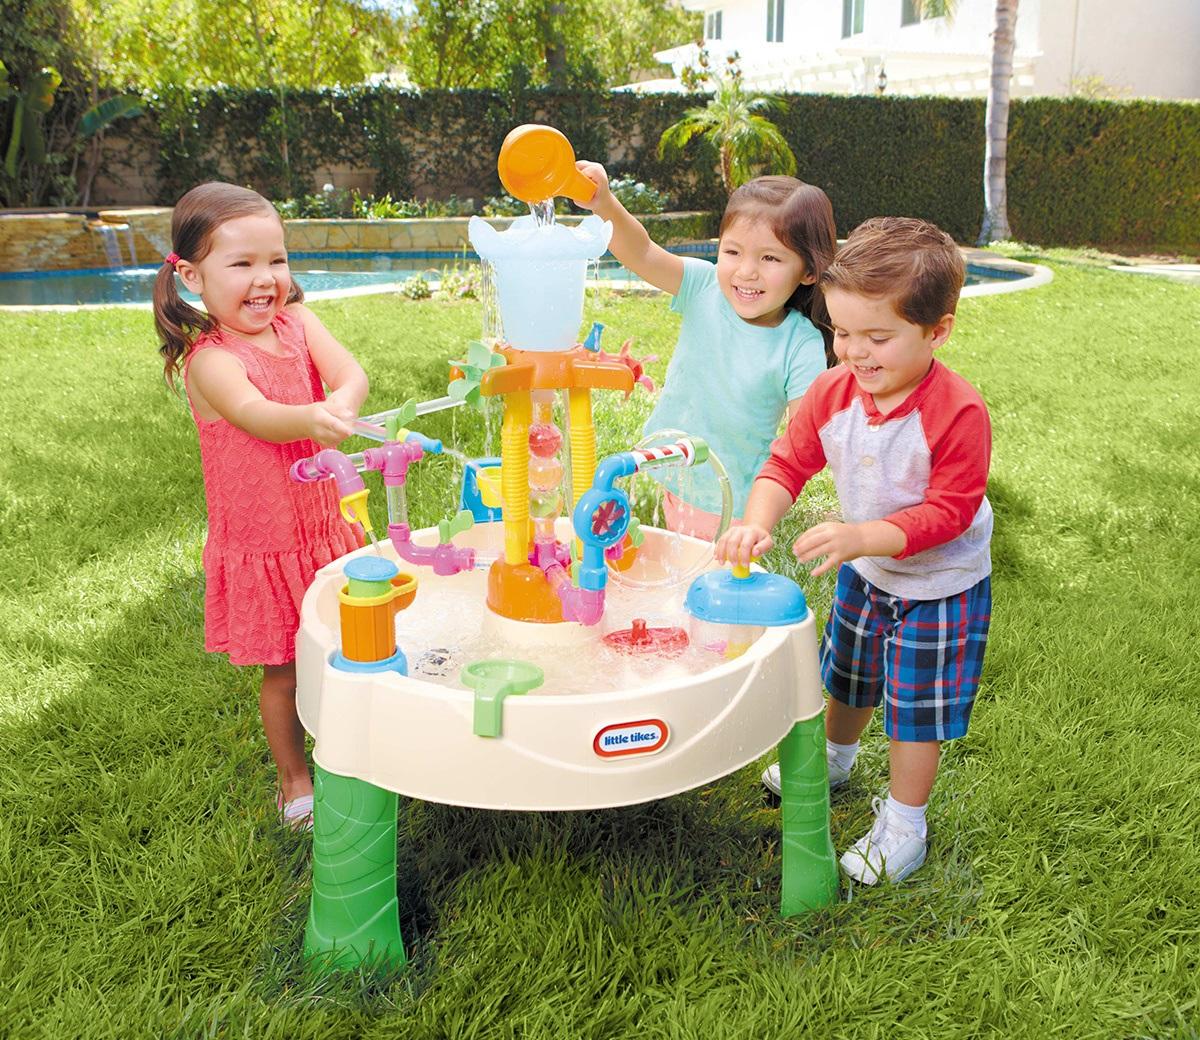 De watertafel het leukste buitenspeelgoed voor kinderen tot 6 jaar